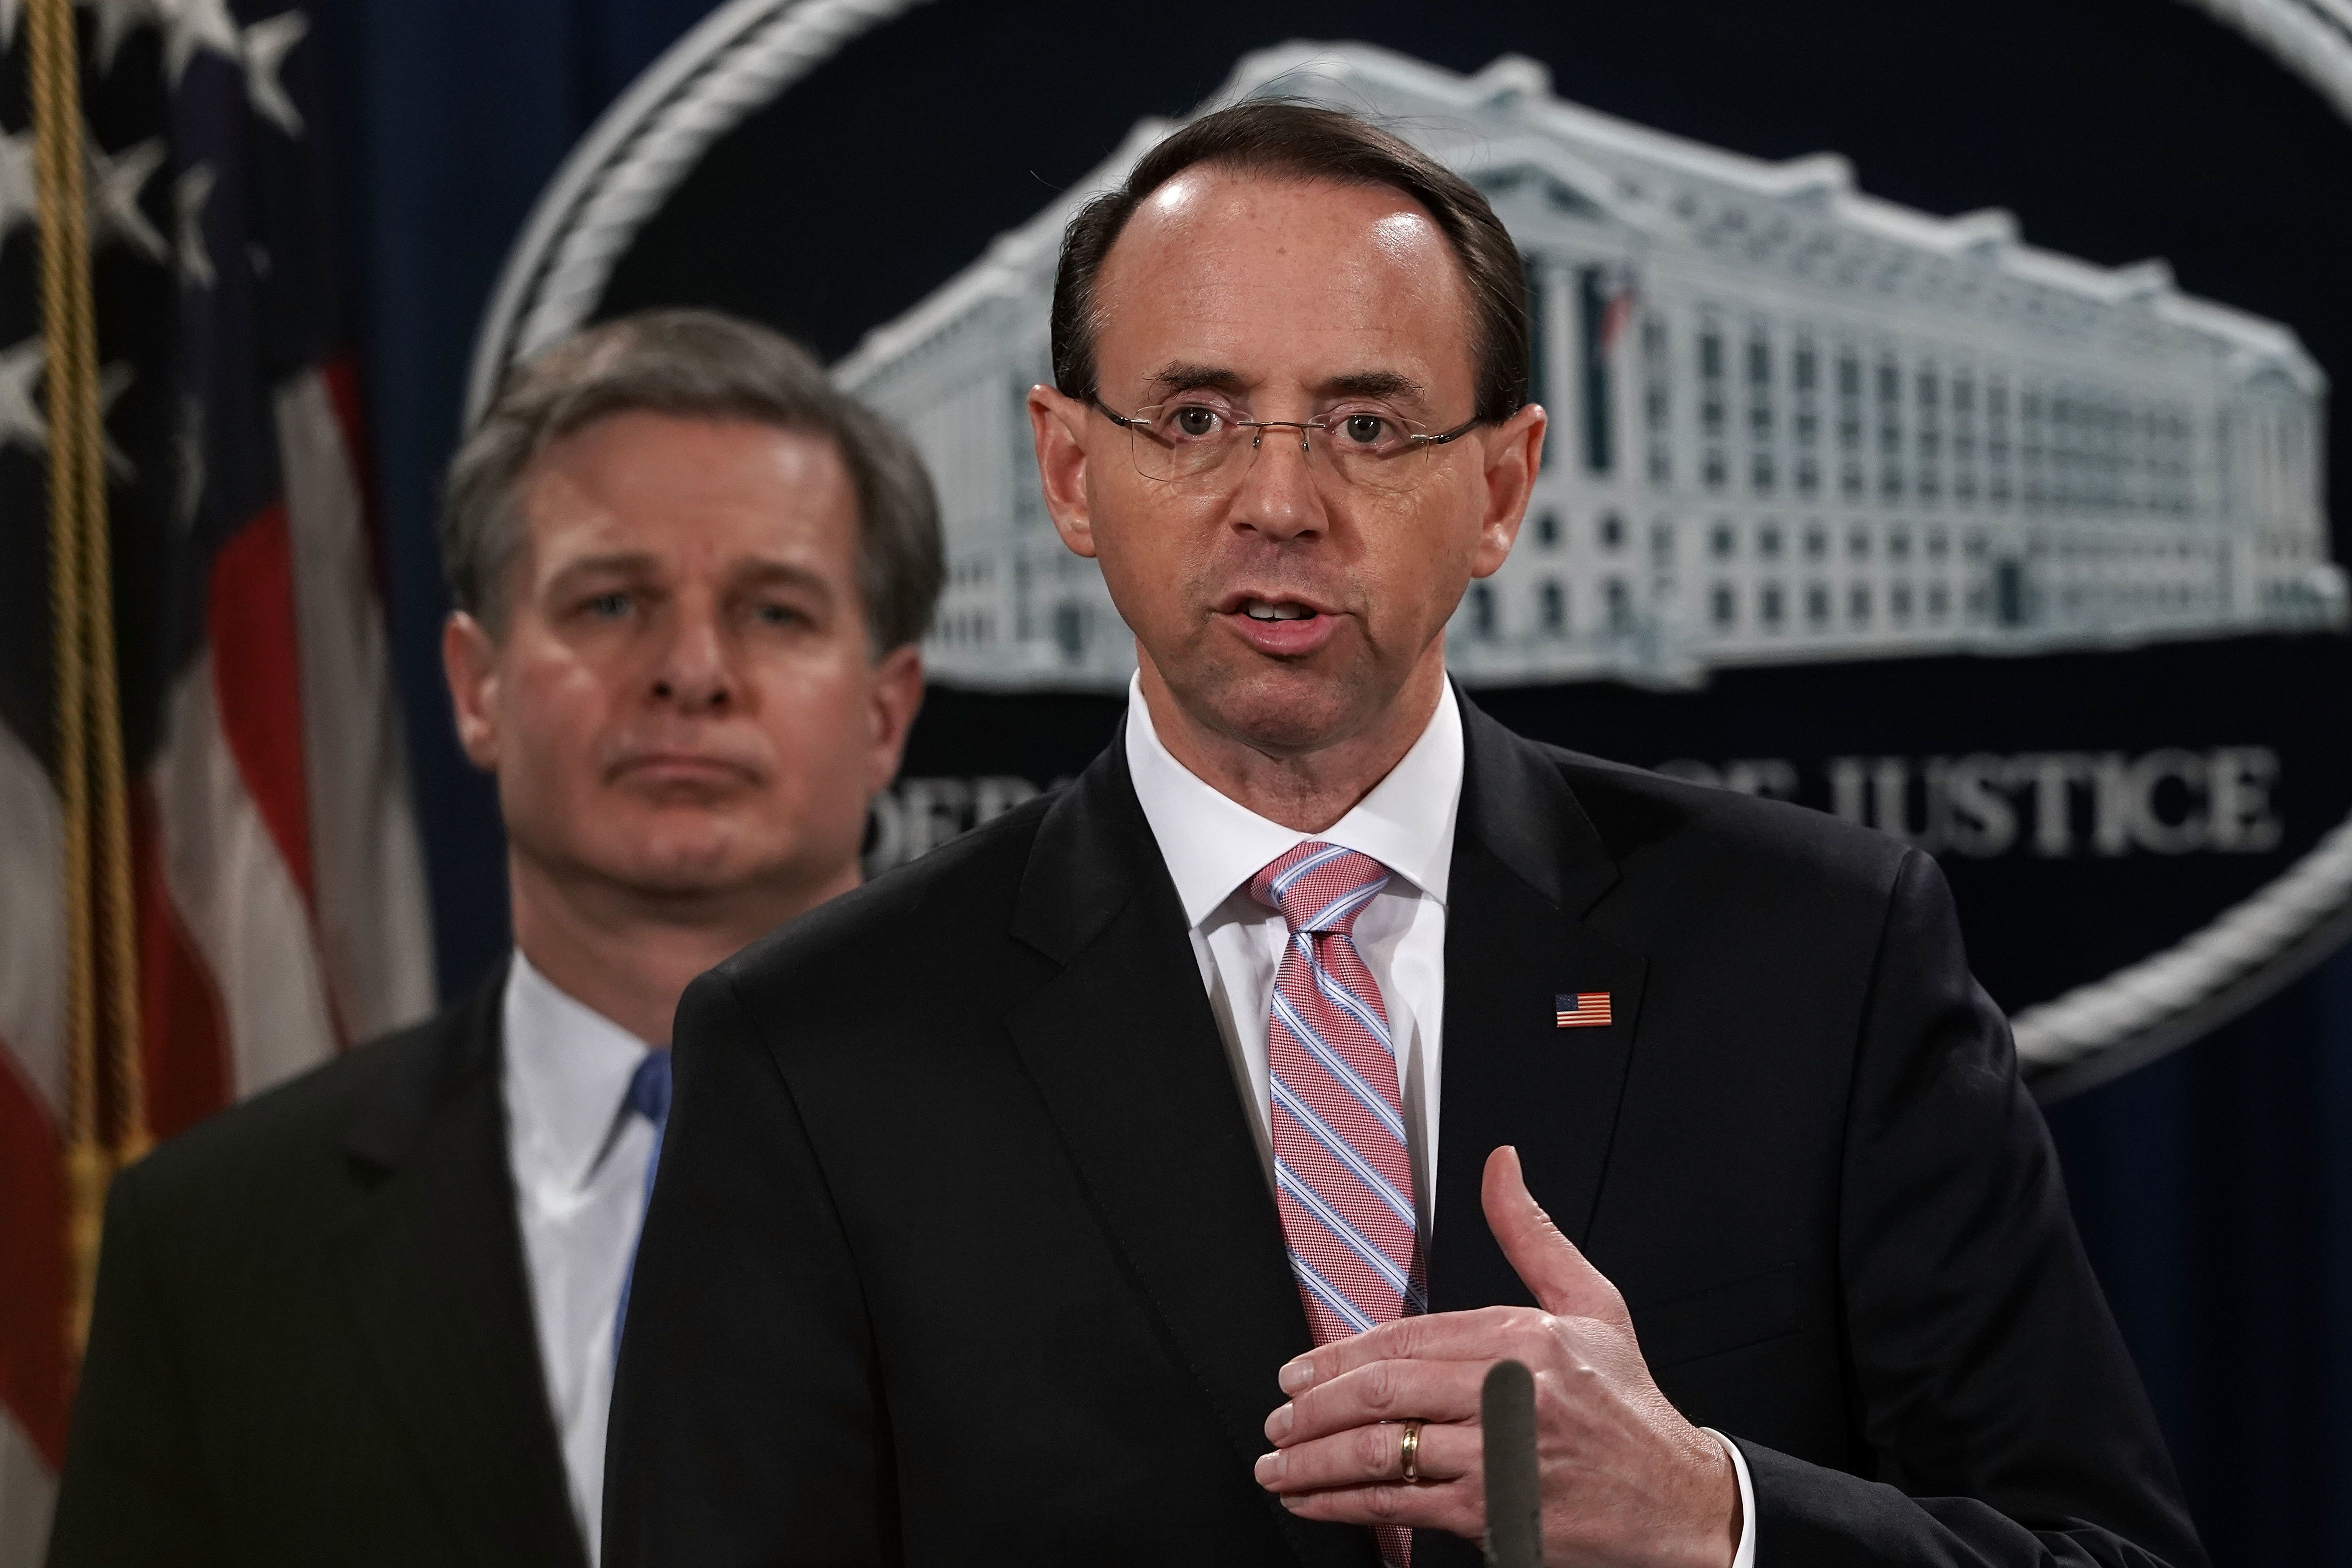 '러시아 스캔들' 특검 임명했던 로젠스타인이 곧